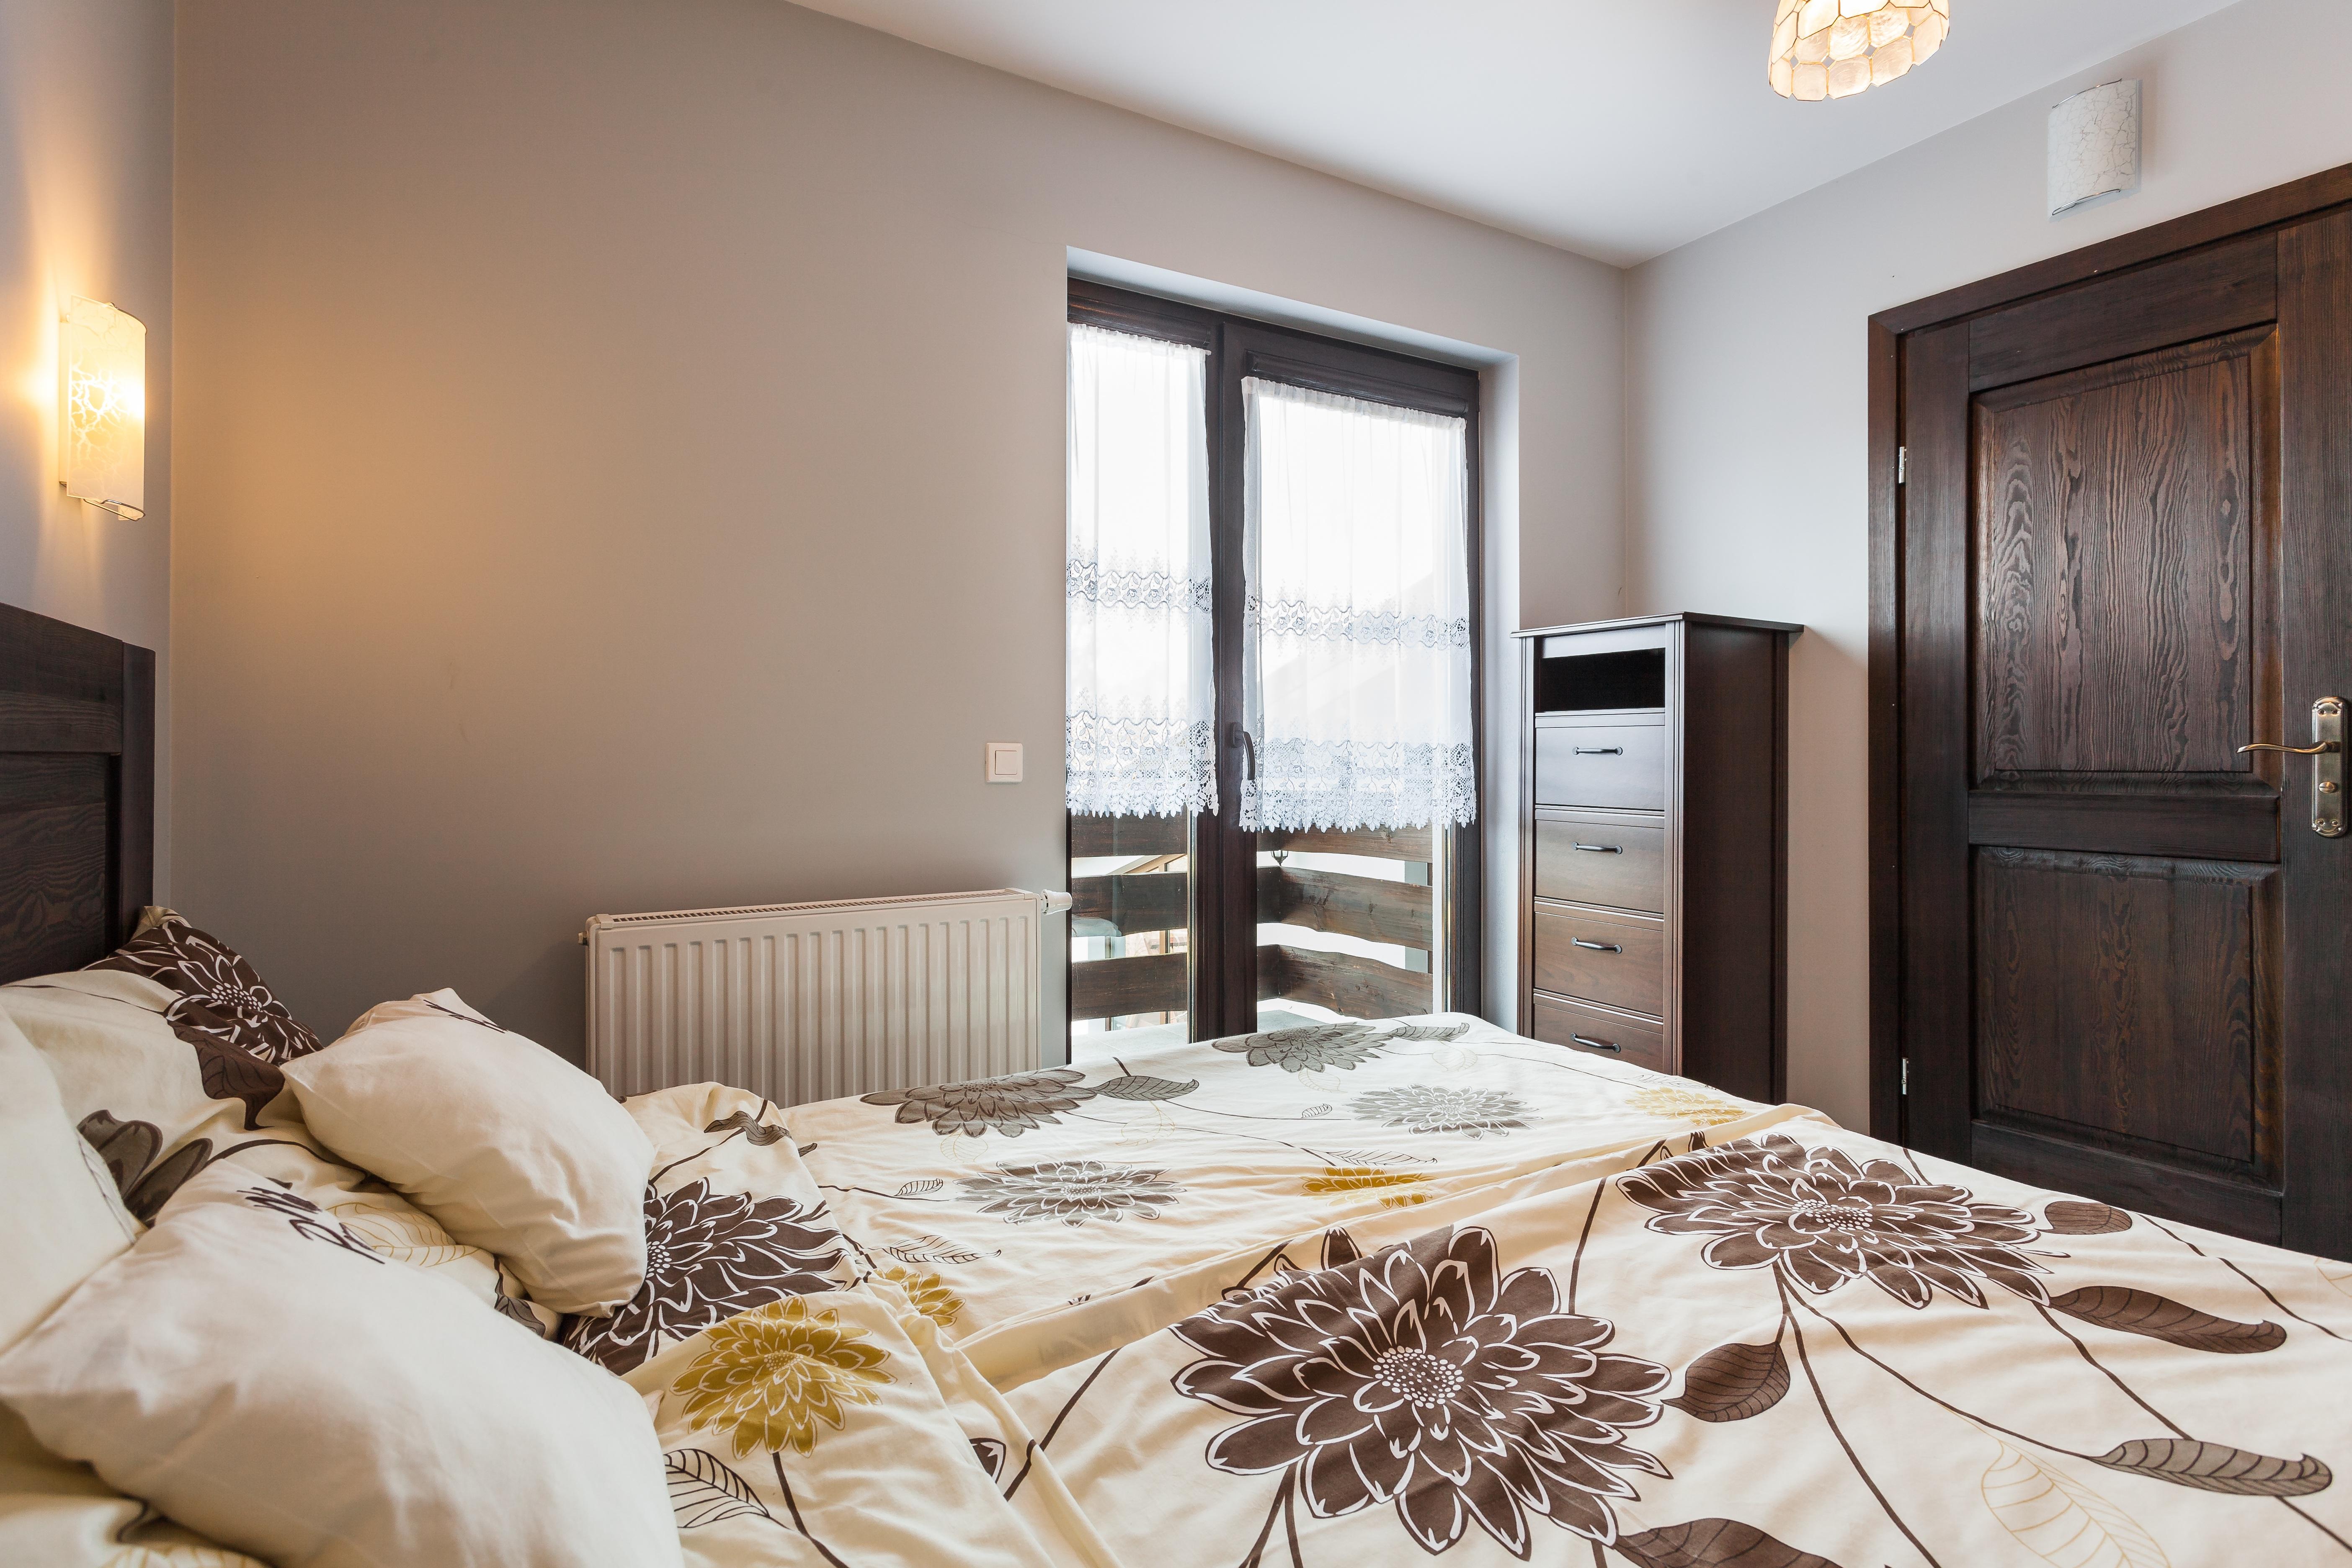 무료 이미지 : 바닥, 시골집, 재산, 거실, 가구, 방, 침실 ...